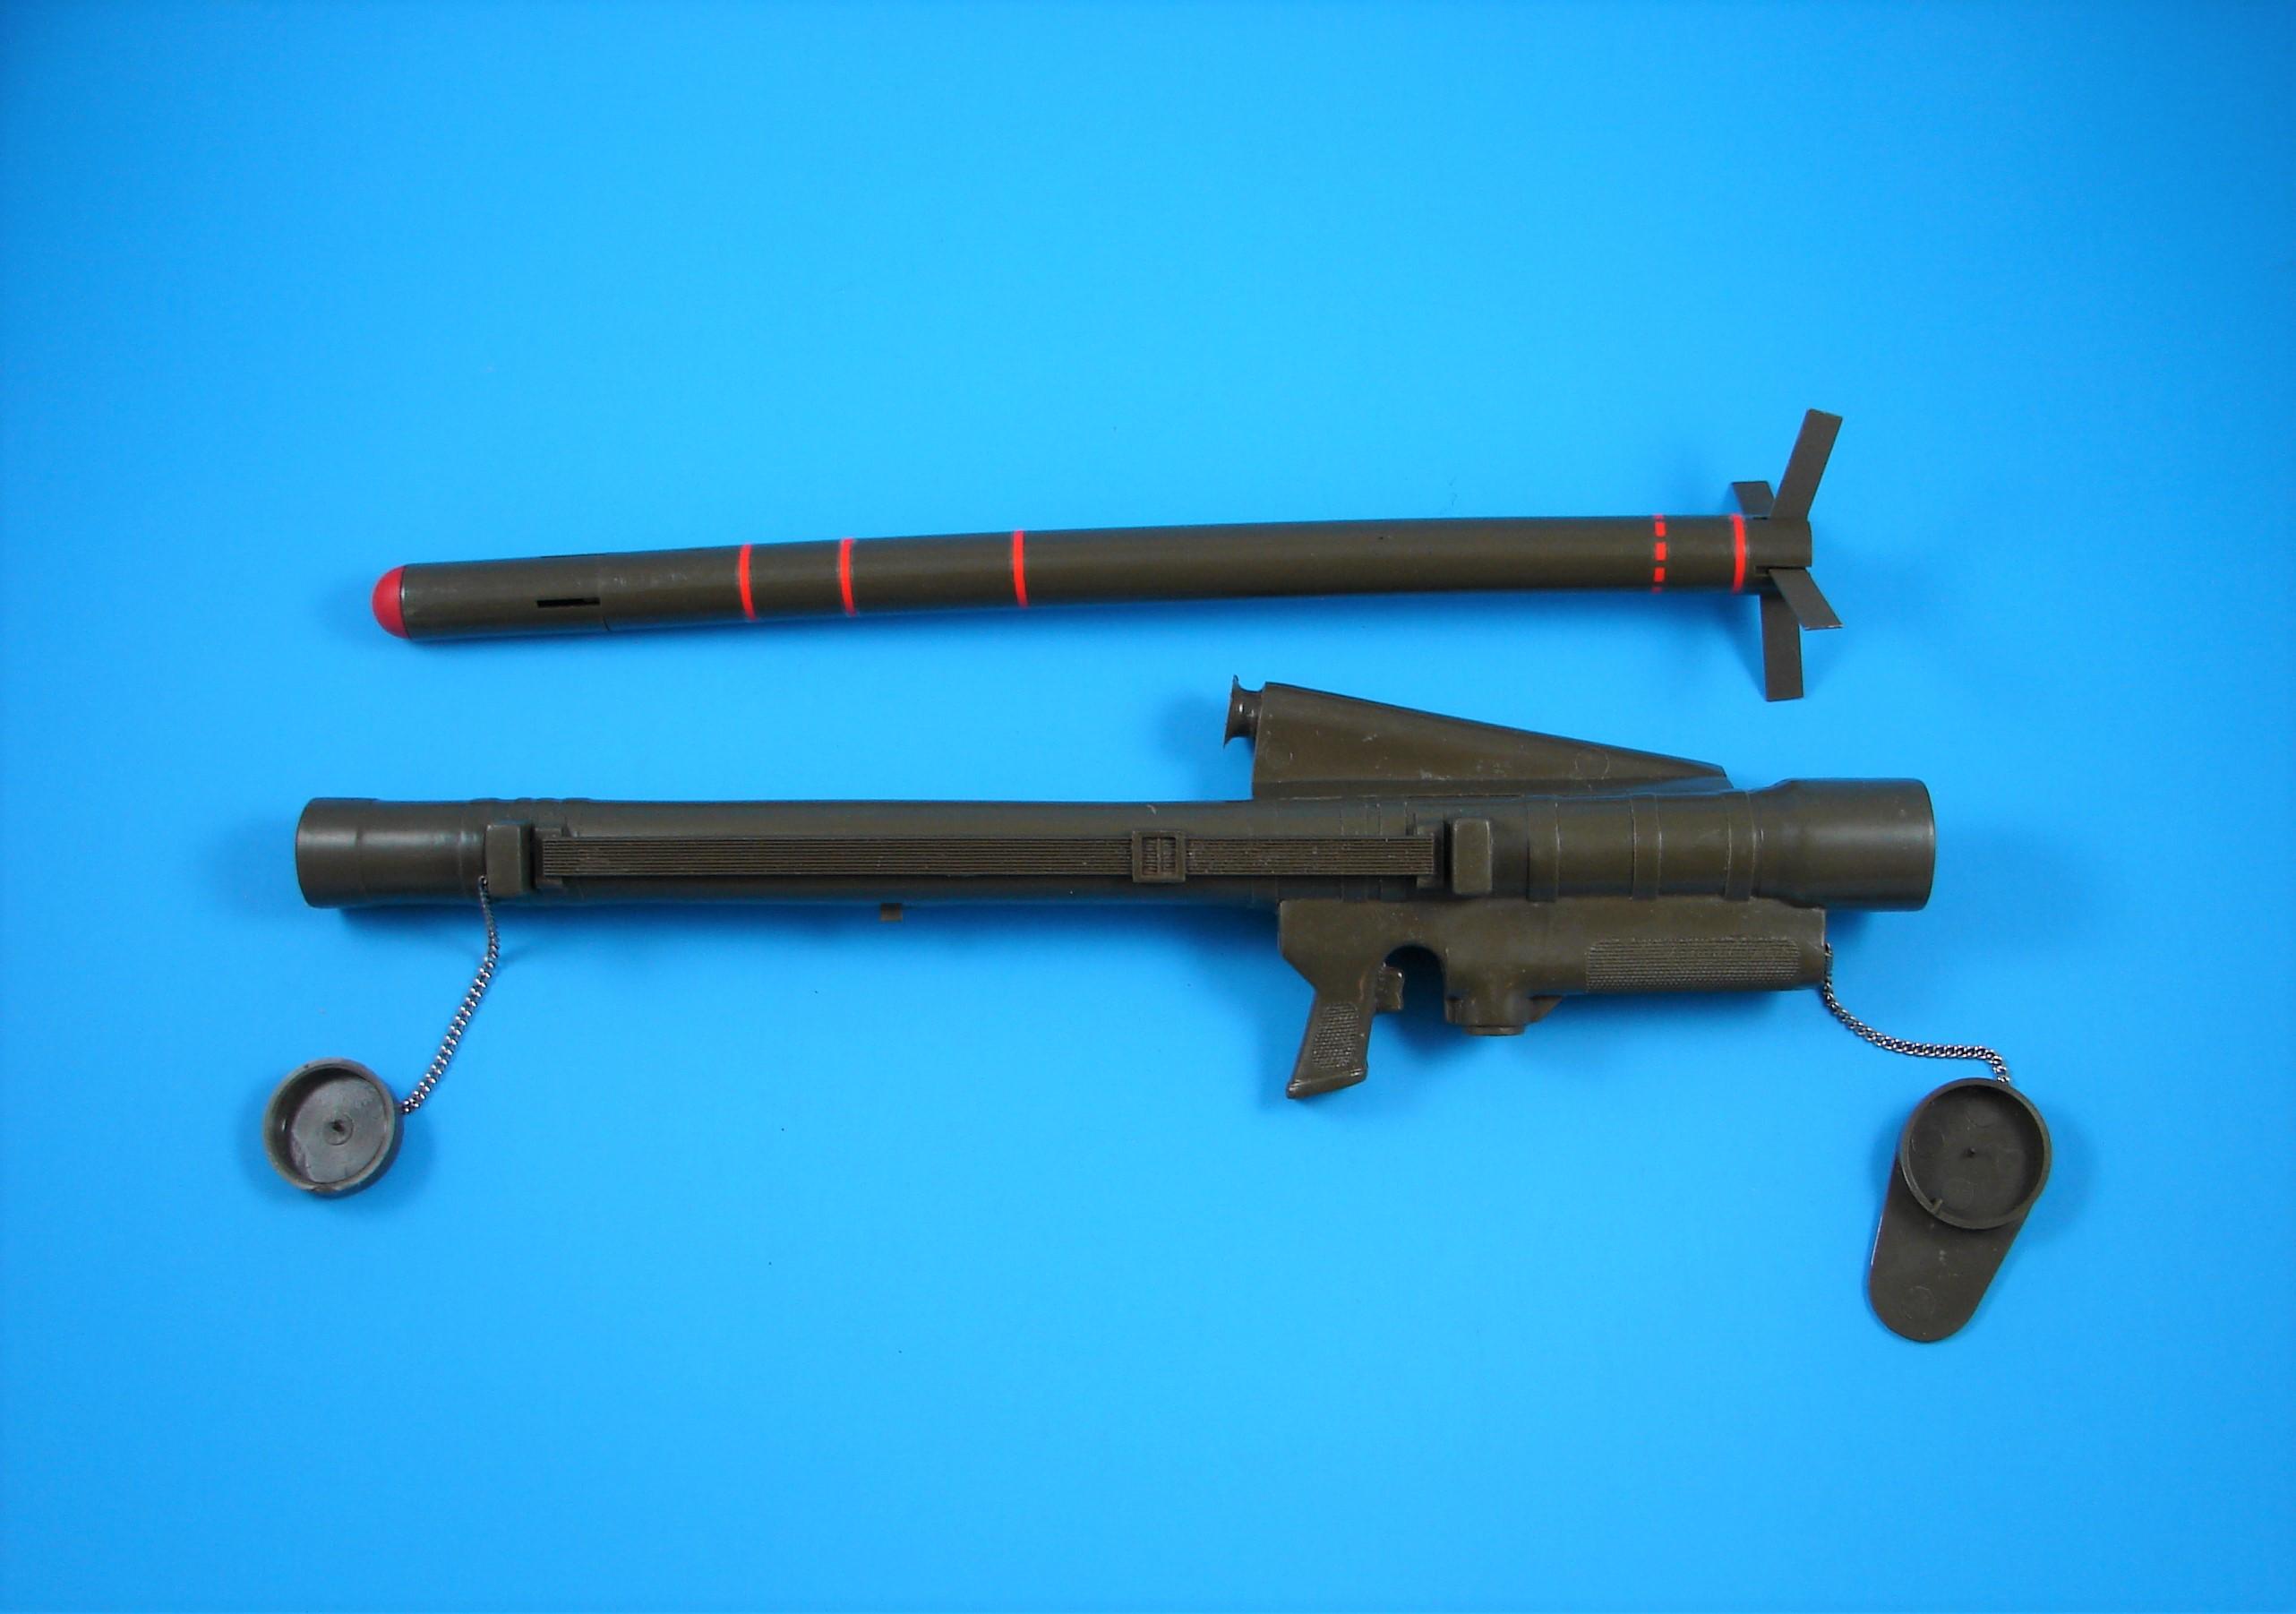 FIM-43 Redeye Missile Launcher